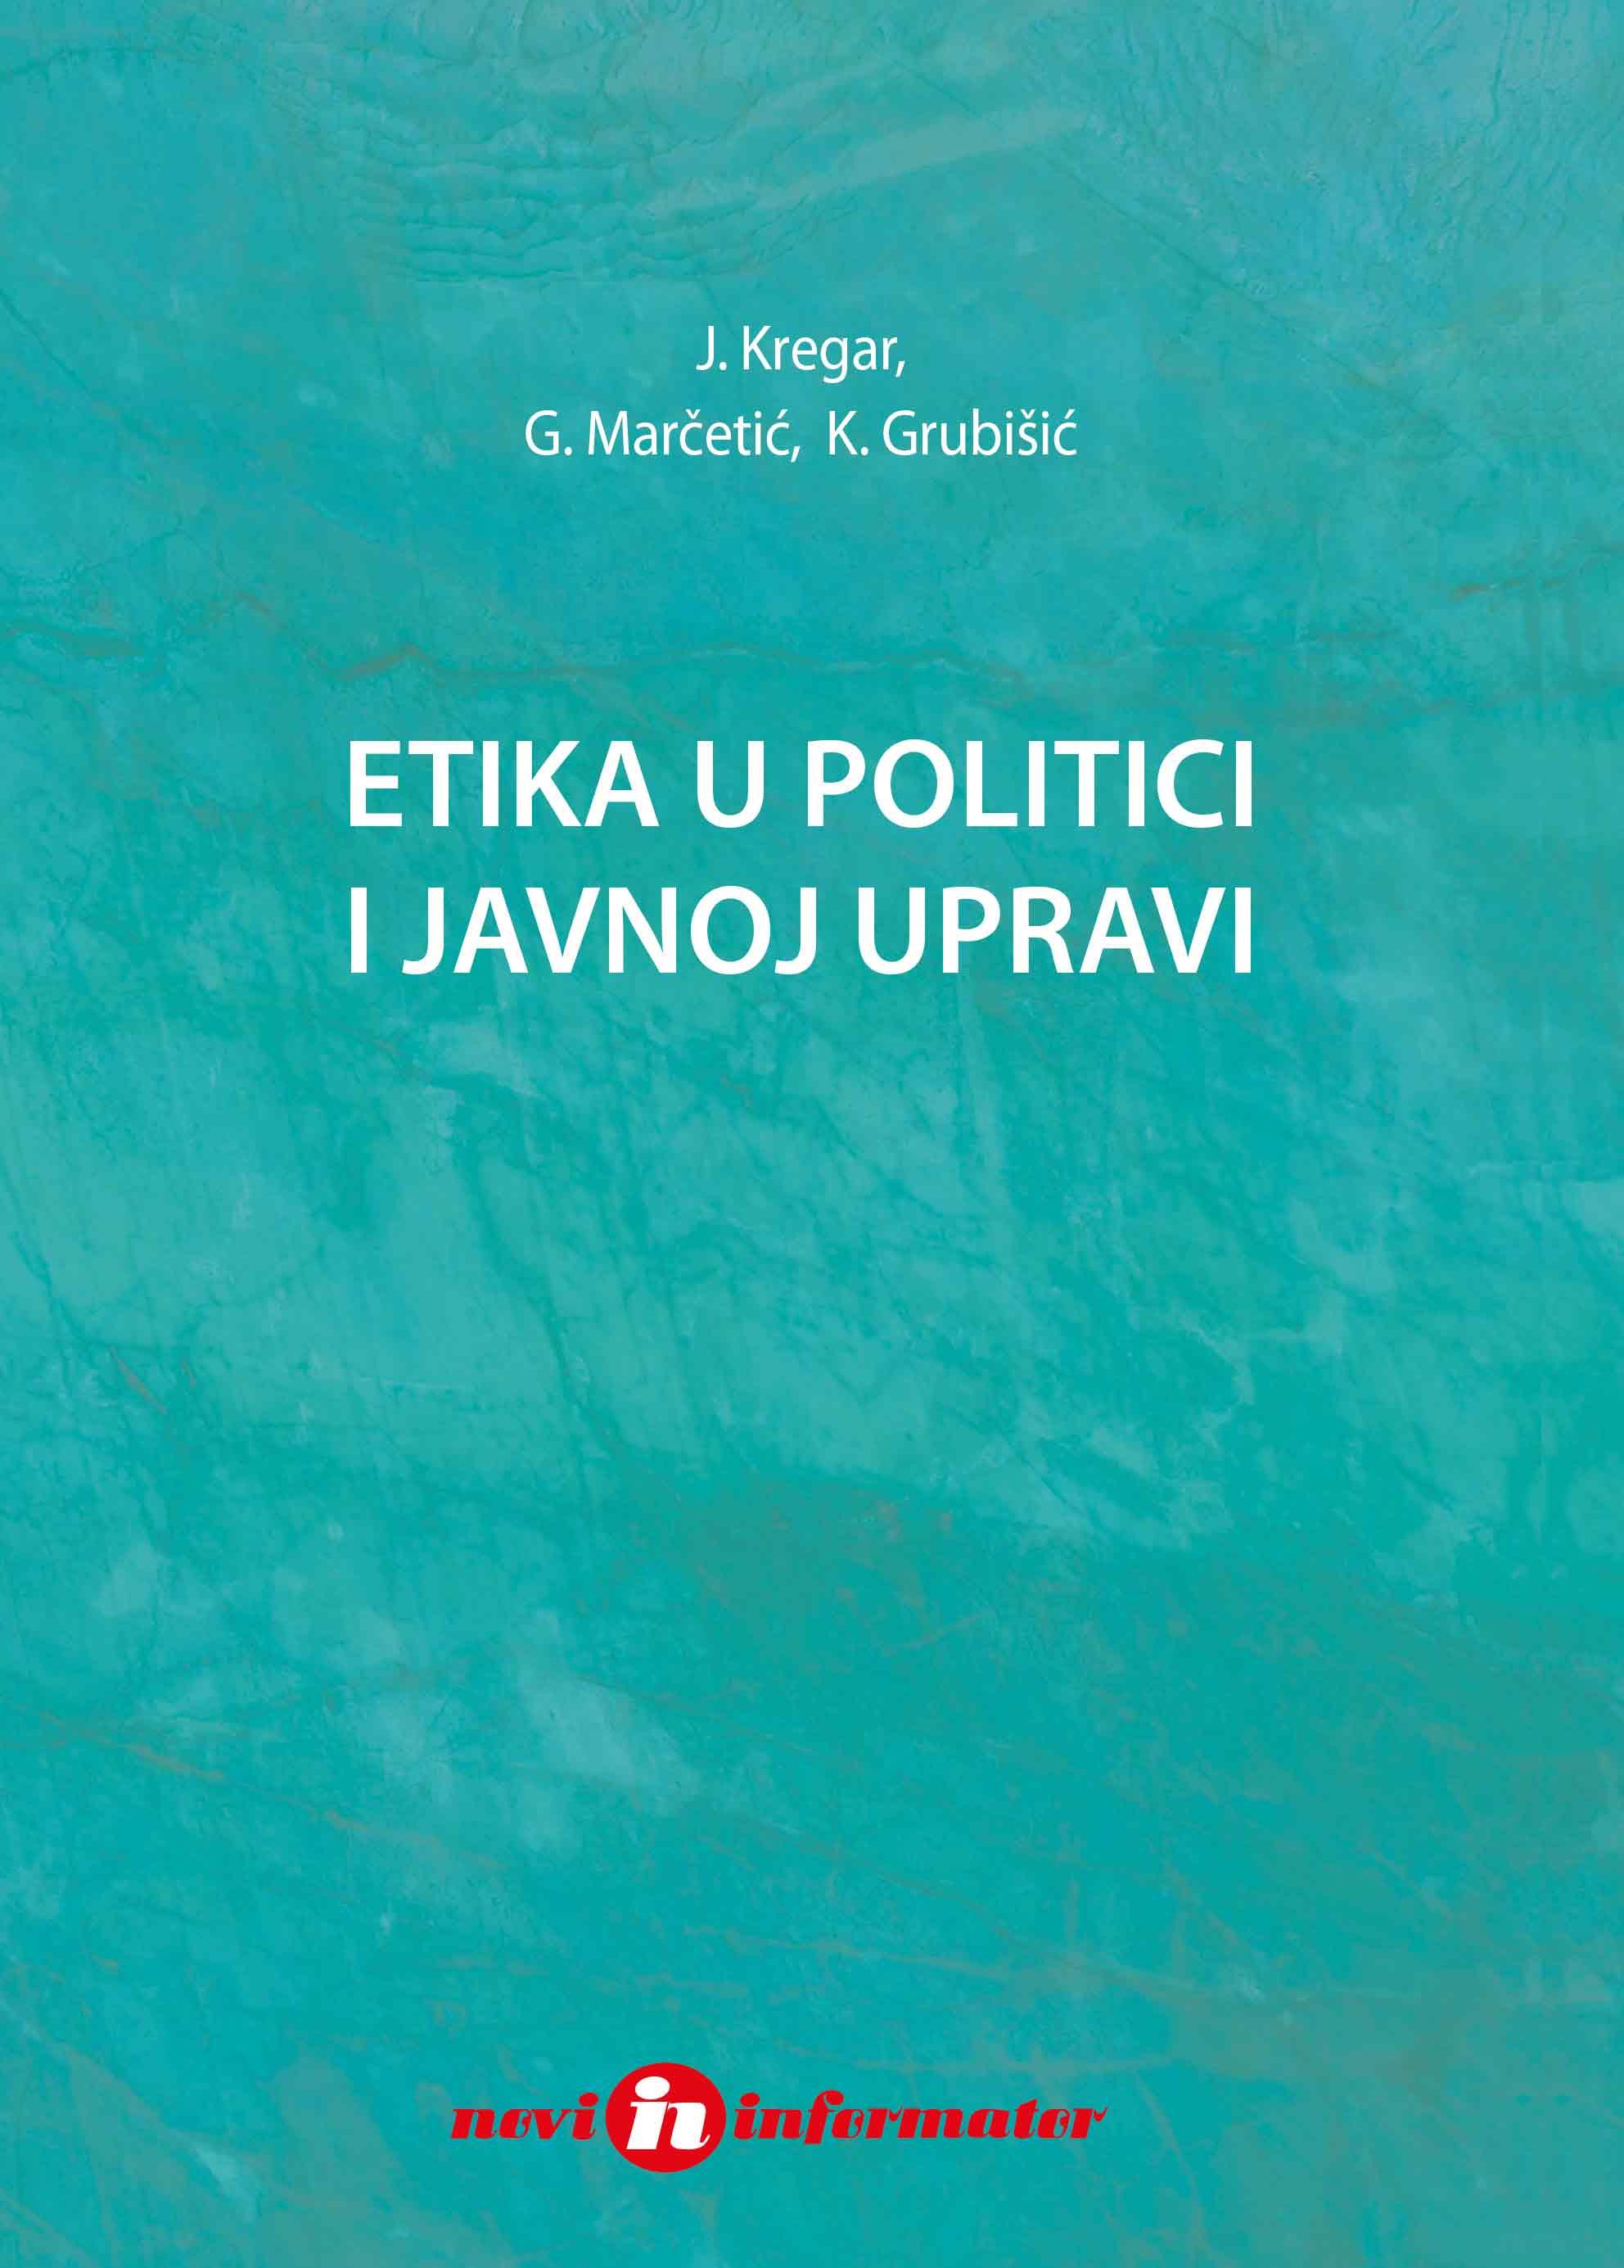 ETIKA U POLITICI I JAVNOJ UPRAVI - Naruči svoju knjigu